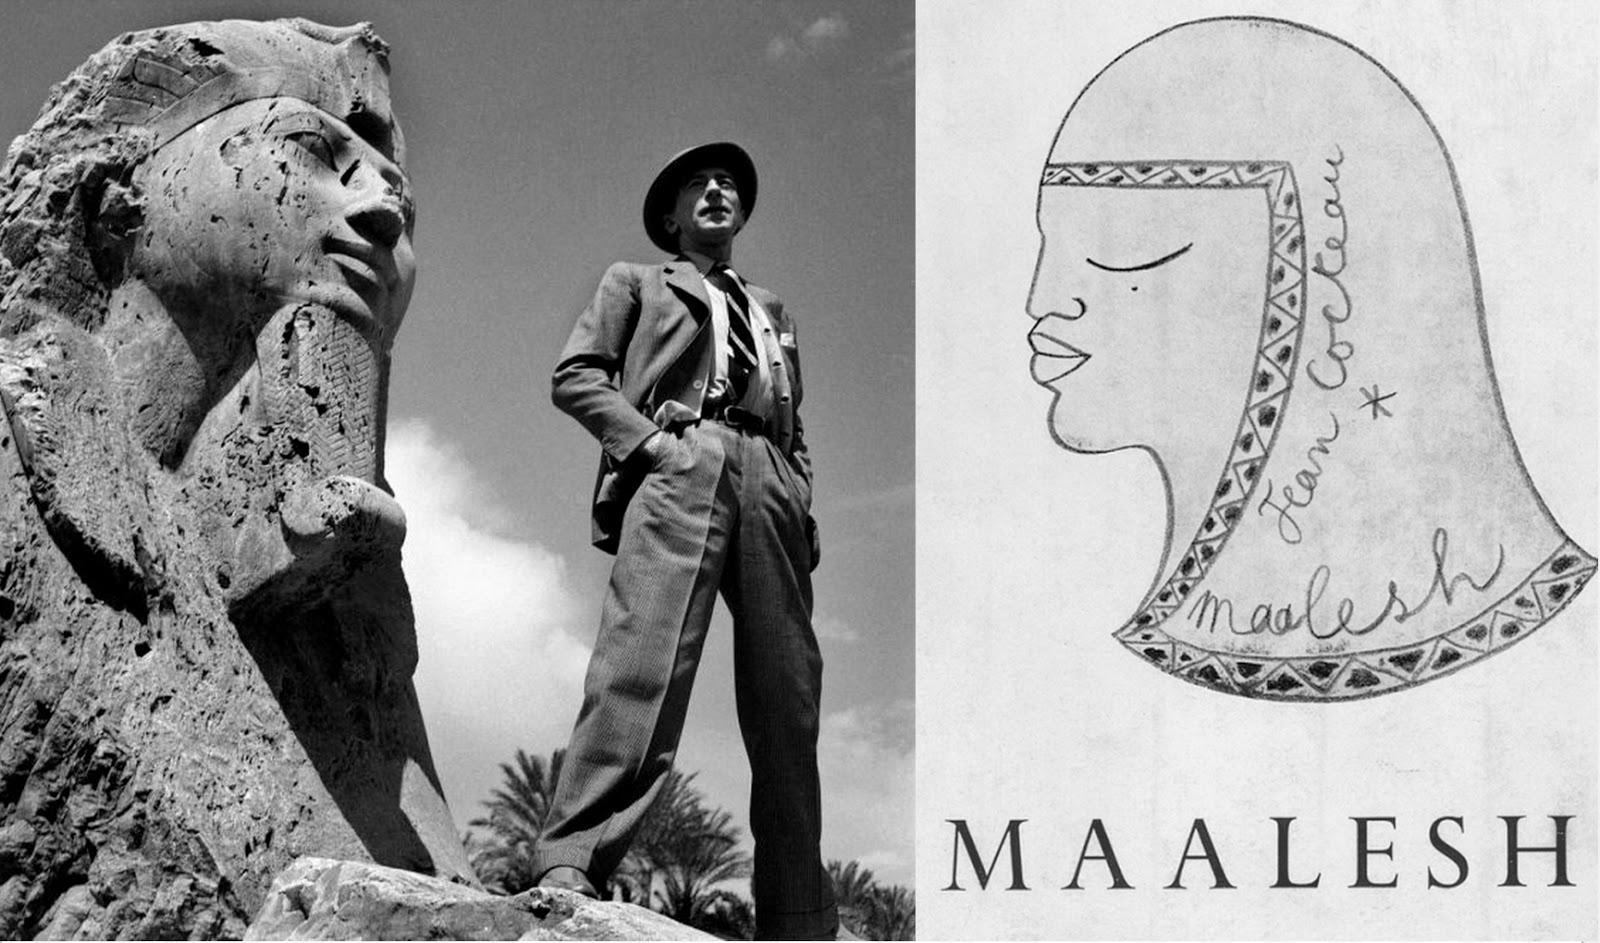 Sculpteur Peintre Et Poete Francais égyptophile: cocteau in cairo